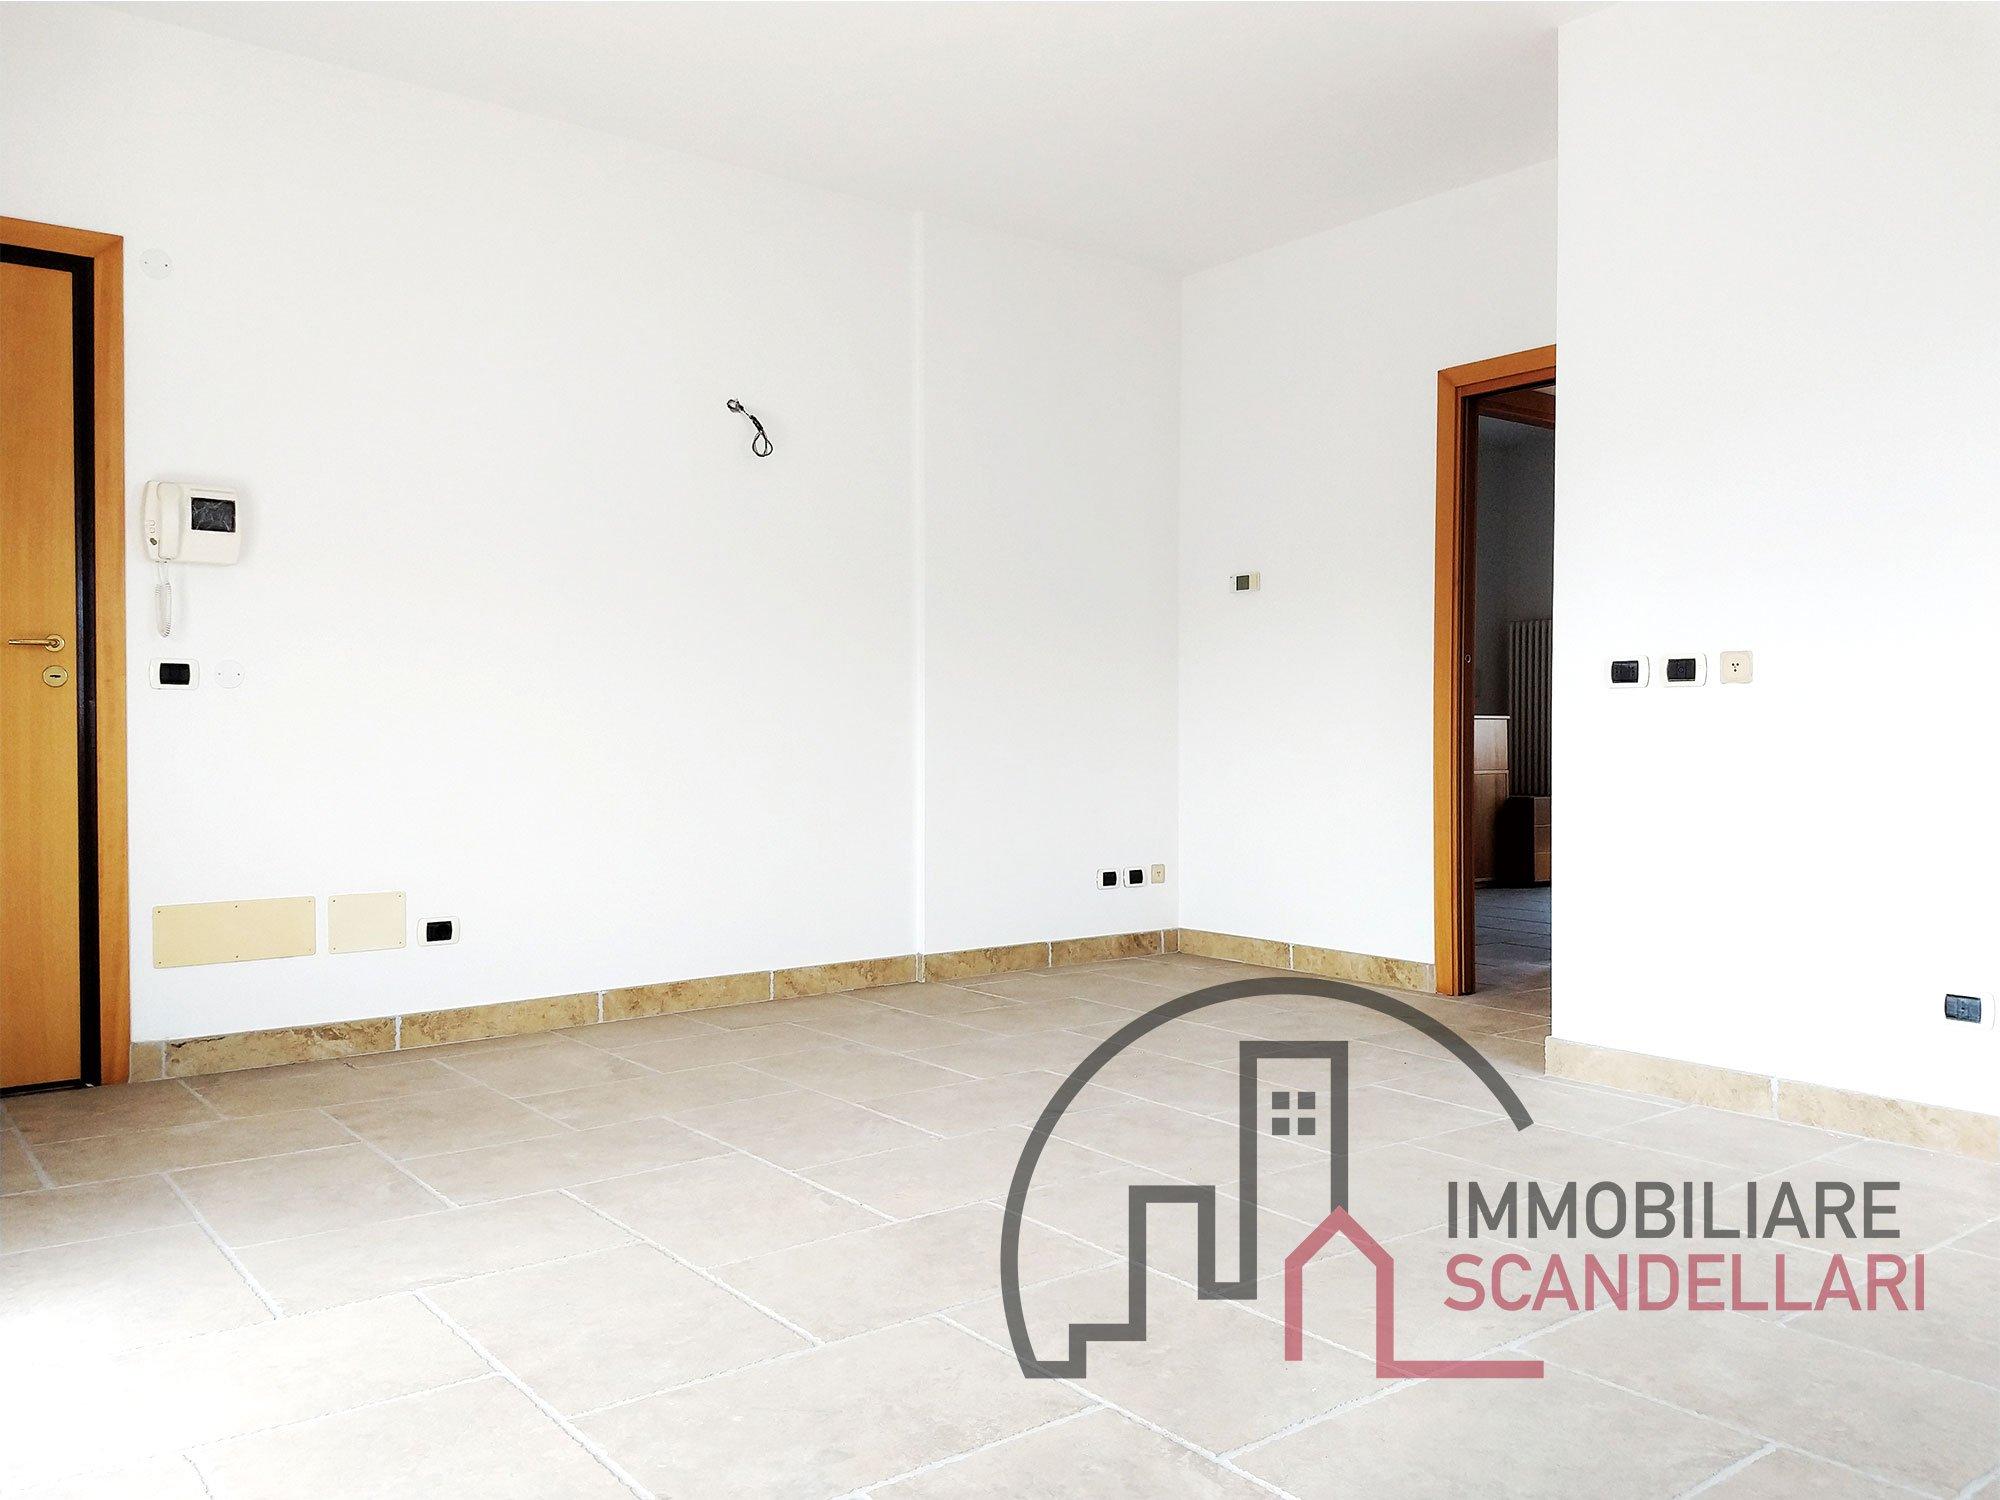 Rimini - Miramare - Appartamento trilocale nuovo mai abitato - Immobiliare Scandellari